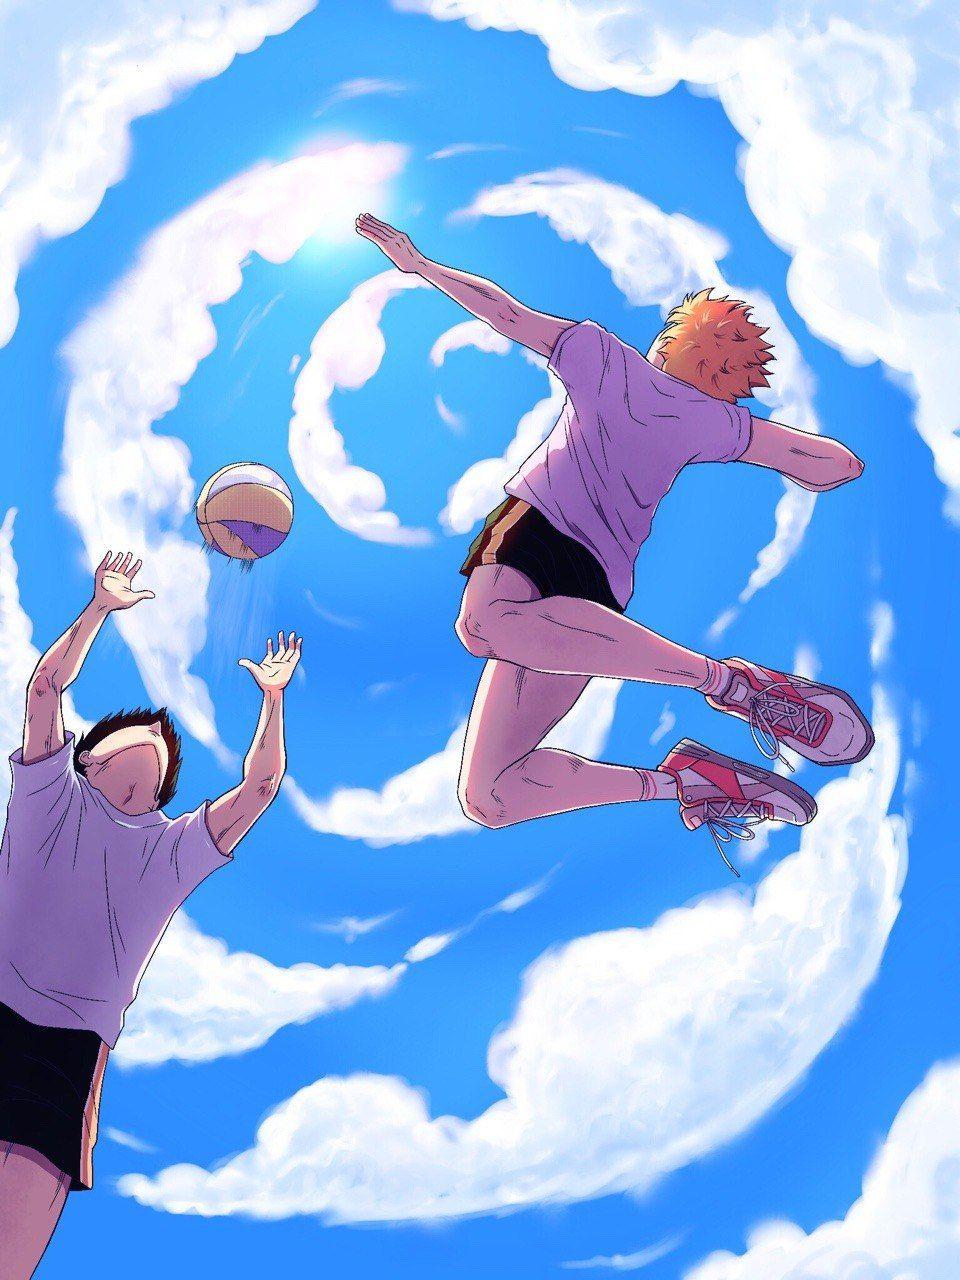 что, крутые рисунки про волейбол юмористические